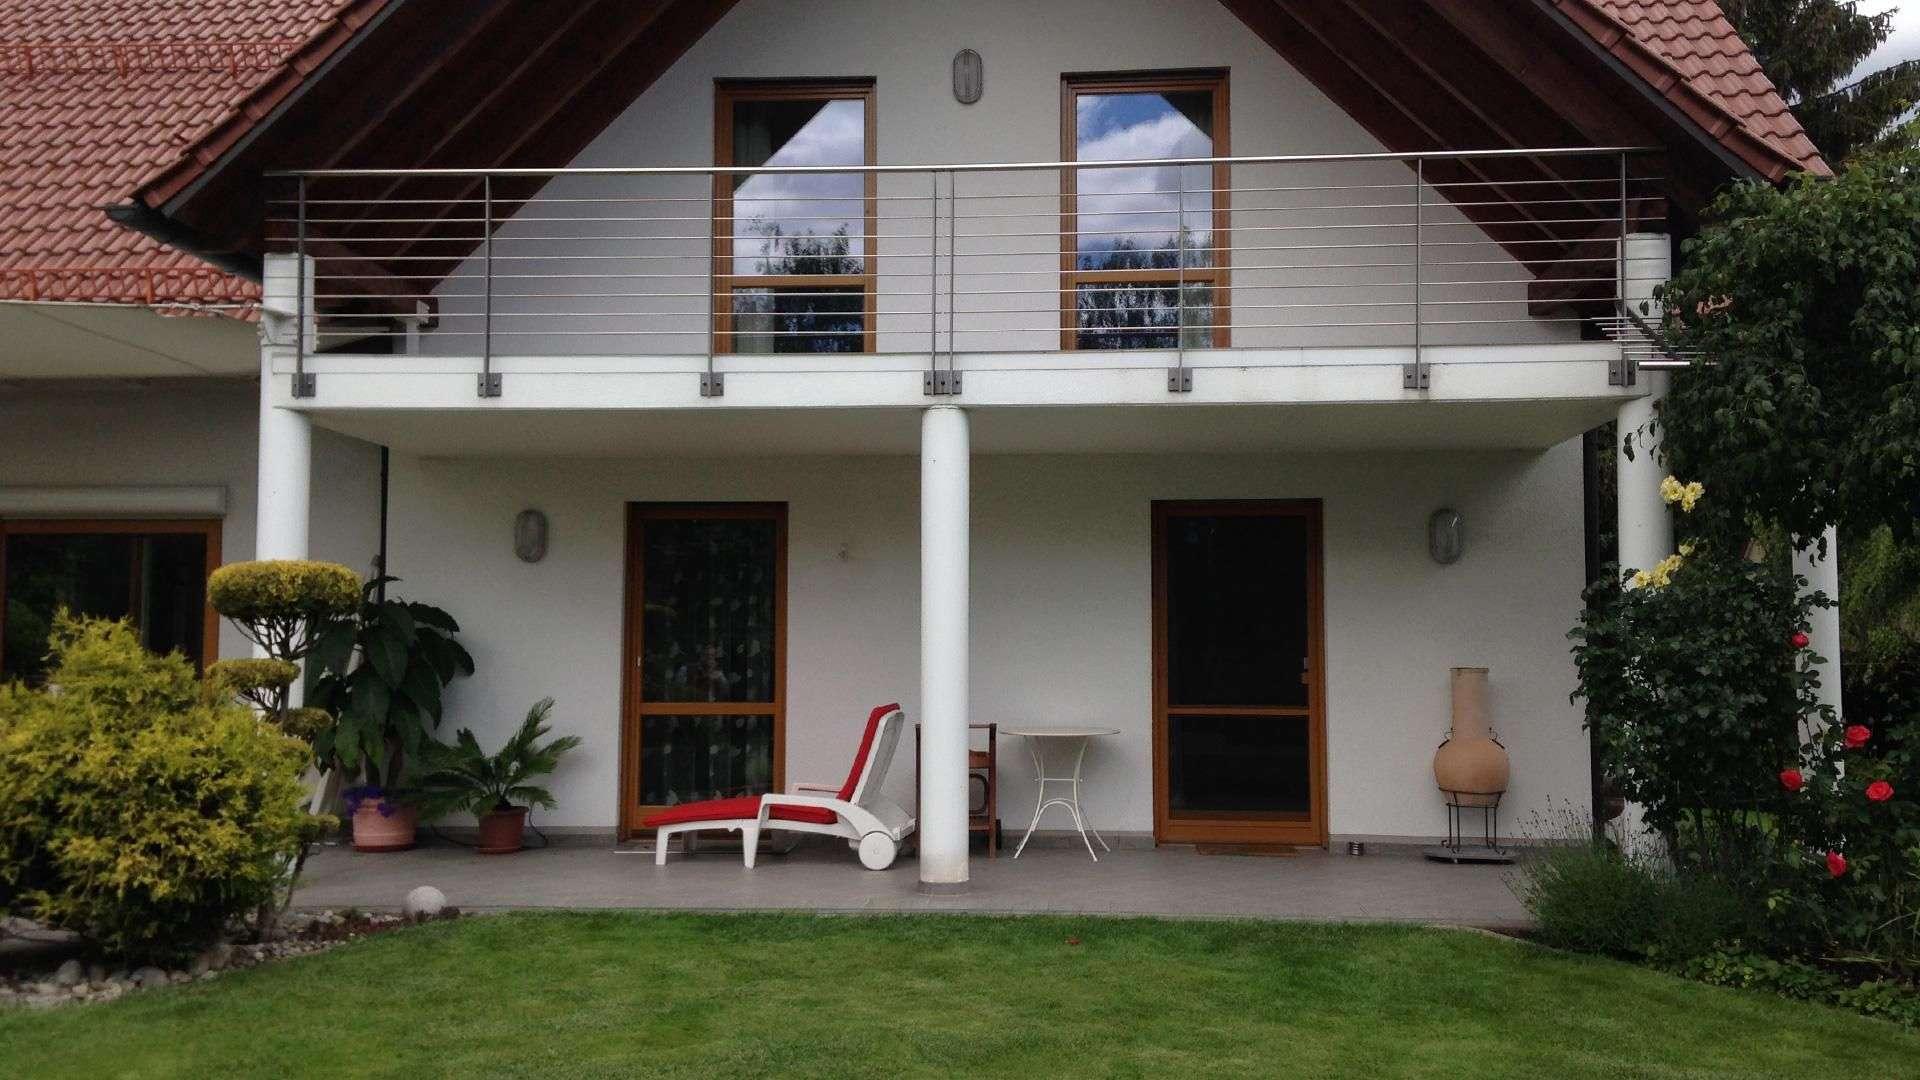 Wohnhaus mit einer Terrasse und Balkon